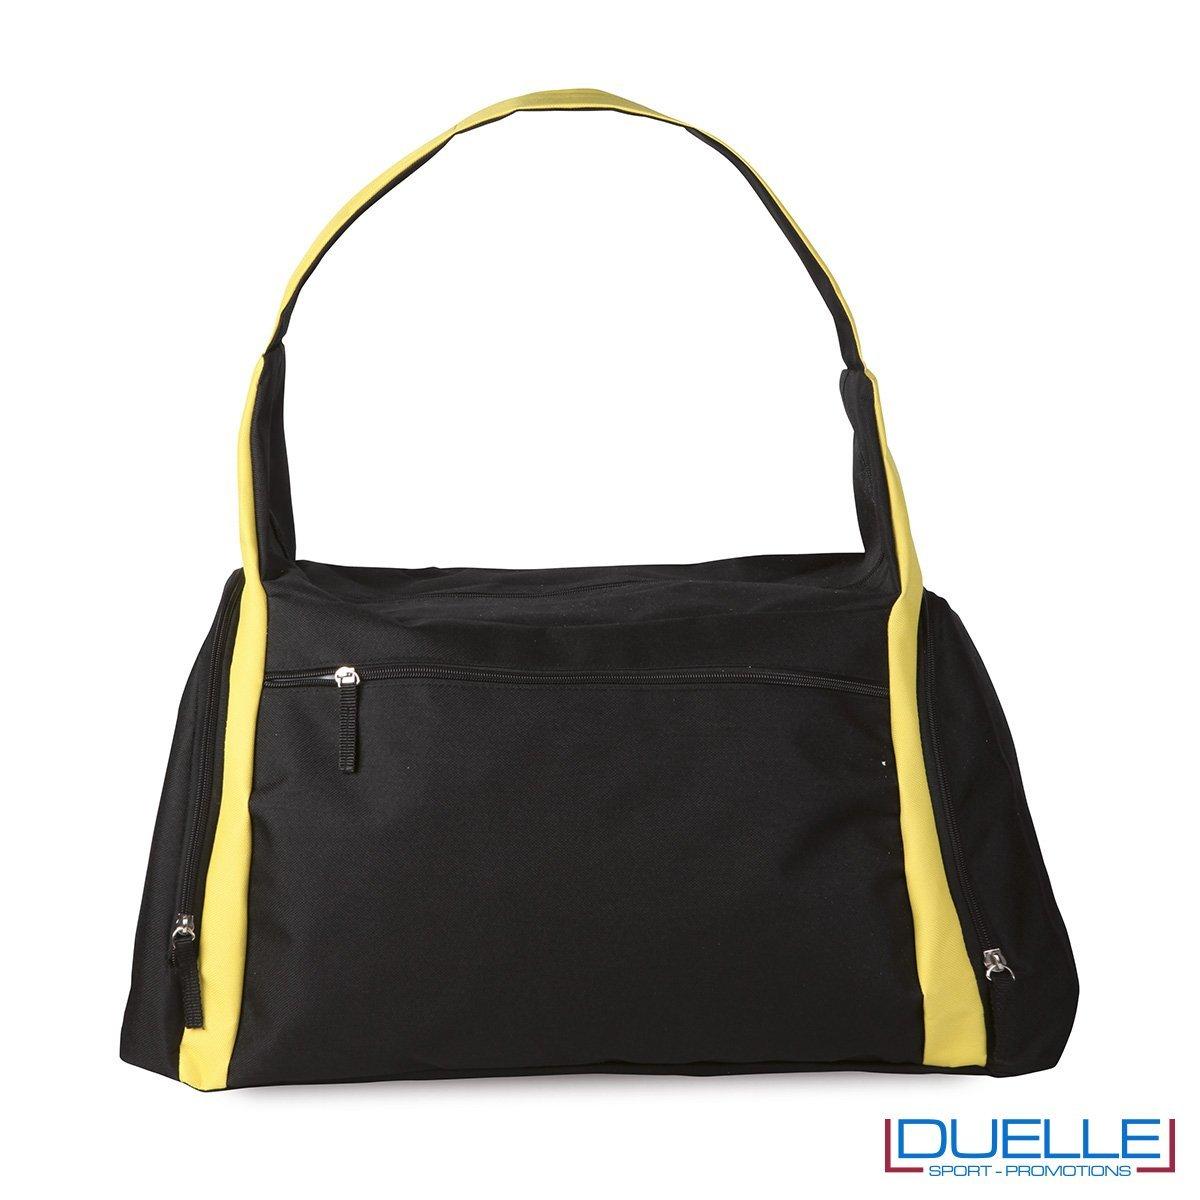 borsa sportiva colore NERA e GIALLA ideale per la palestra, borse sportive personalizzate, gadget sportivi personalizzati